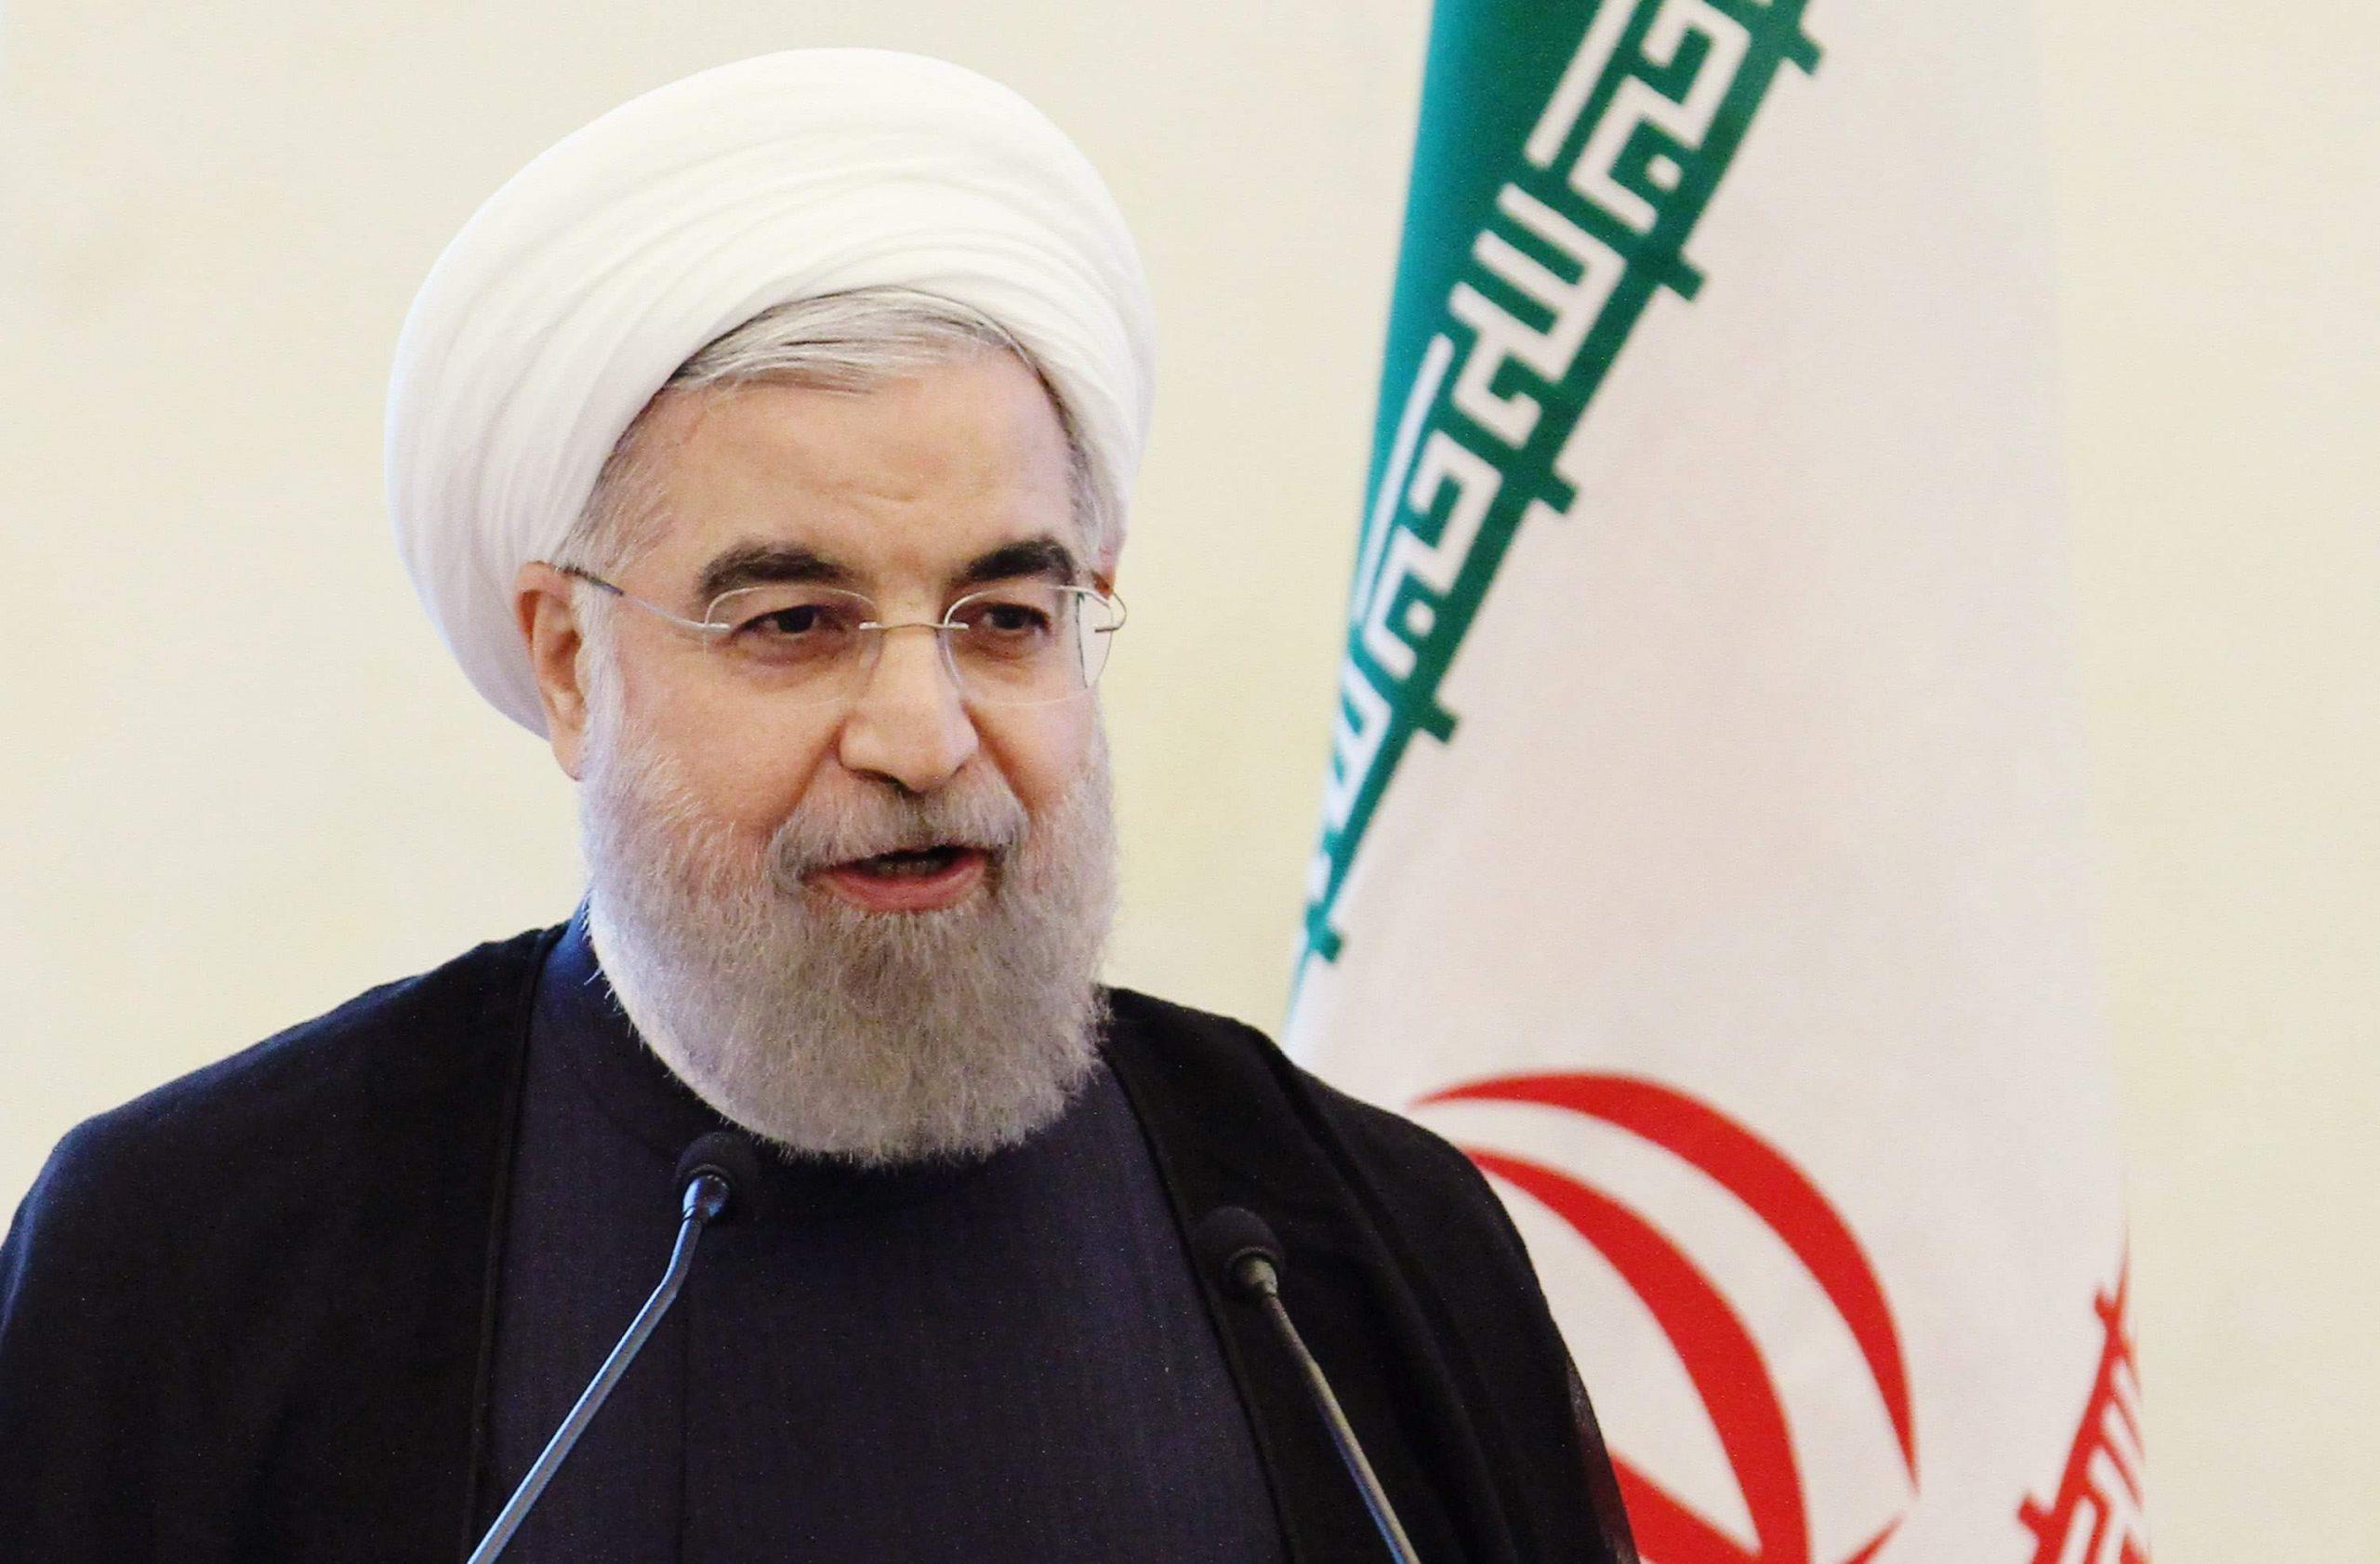 """نيويورك تايمز"""": هل أضحت المحادثات الإيرانية مع ترامب حتمية؟"""